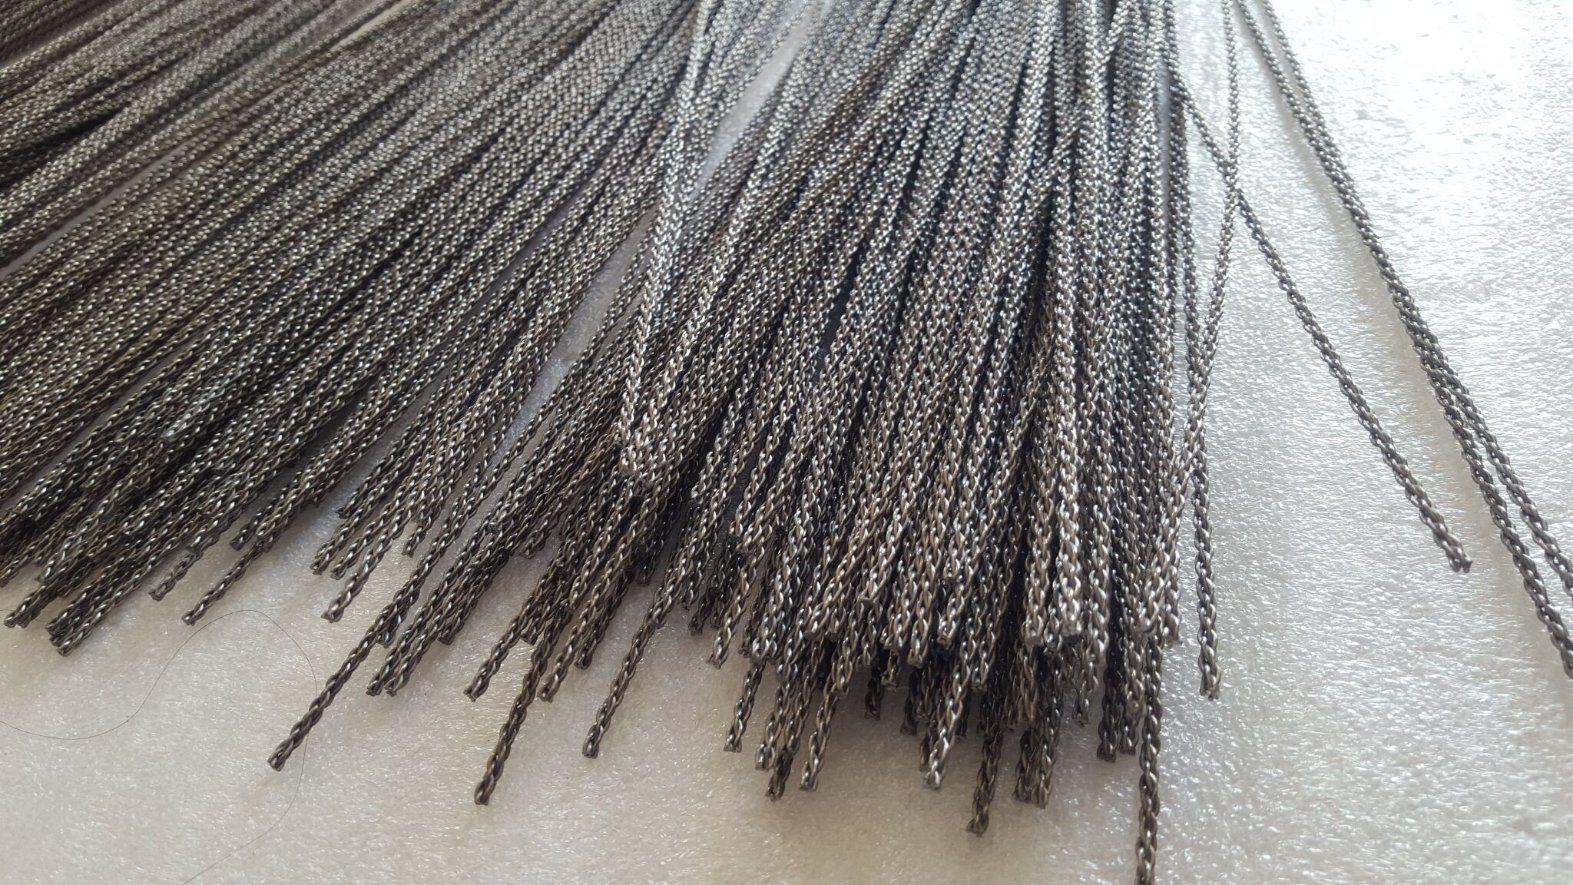 0.76mm Straight Tungsten Wire, Tungsten Filament Rope, Tungsten Stranded Wire